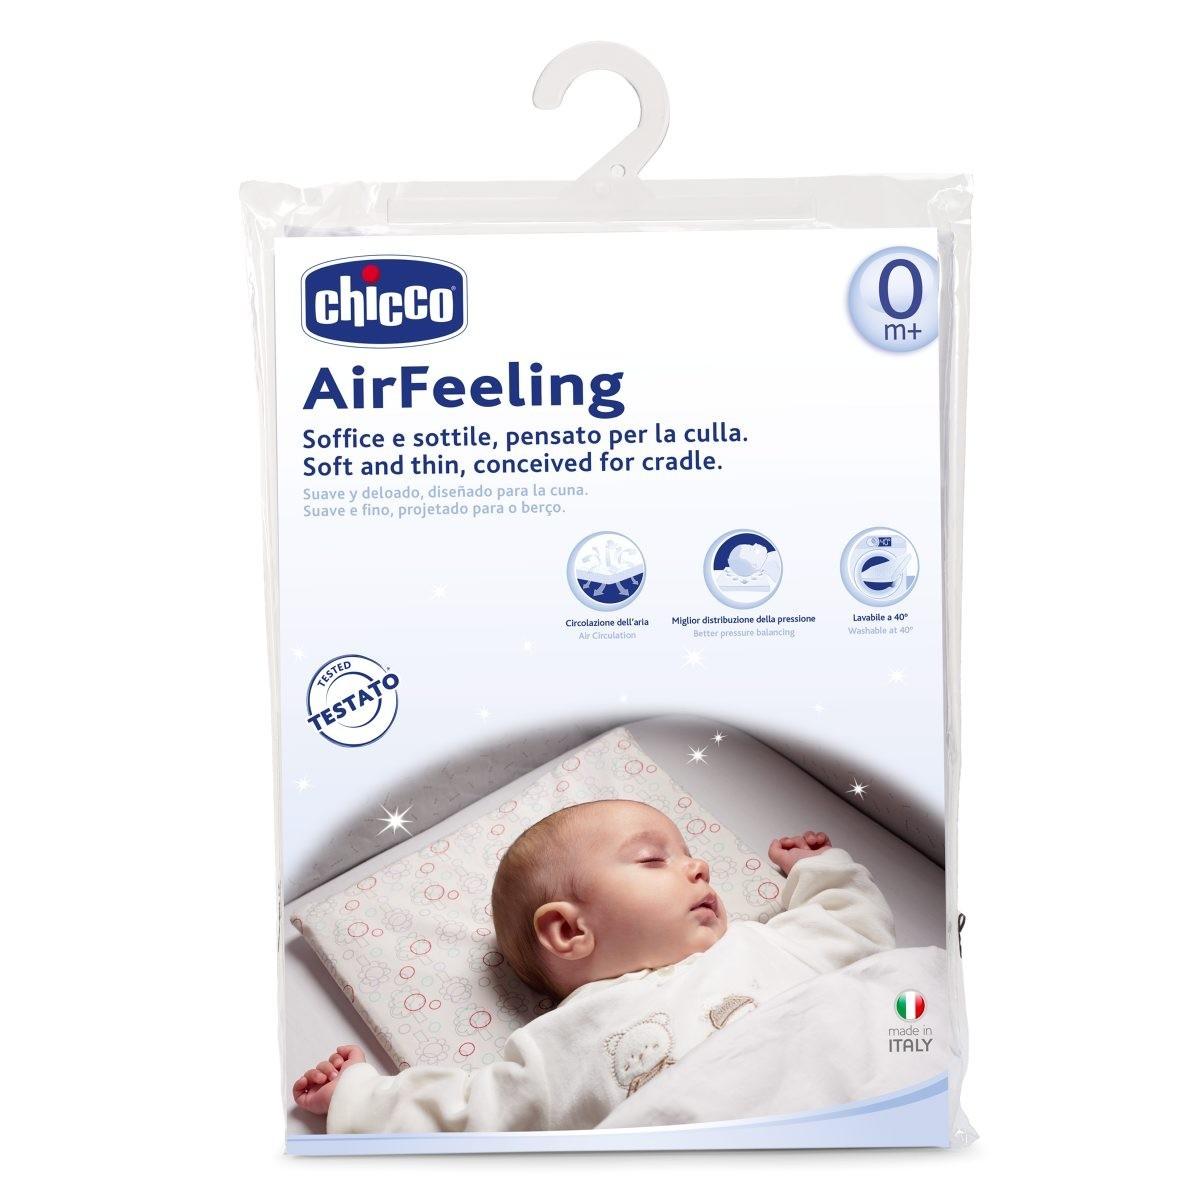 Cuscino Chicco AirFeeling